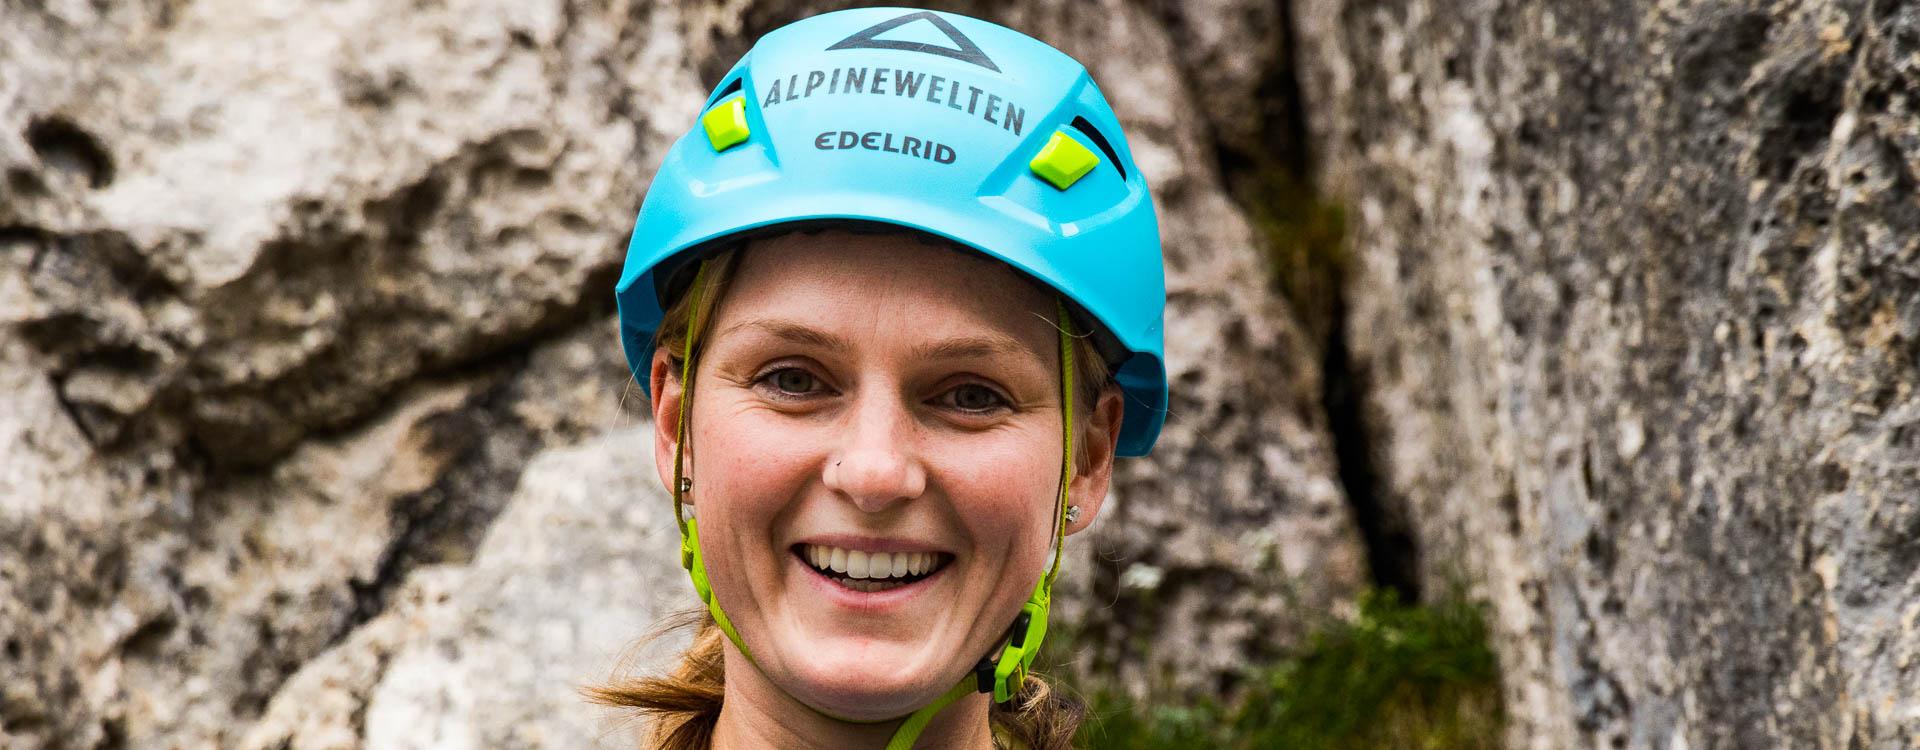 Freude am Klettersteig Kurs fuer Einsteiger in Berchtesgaden